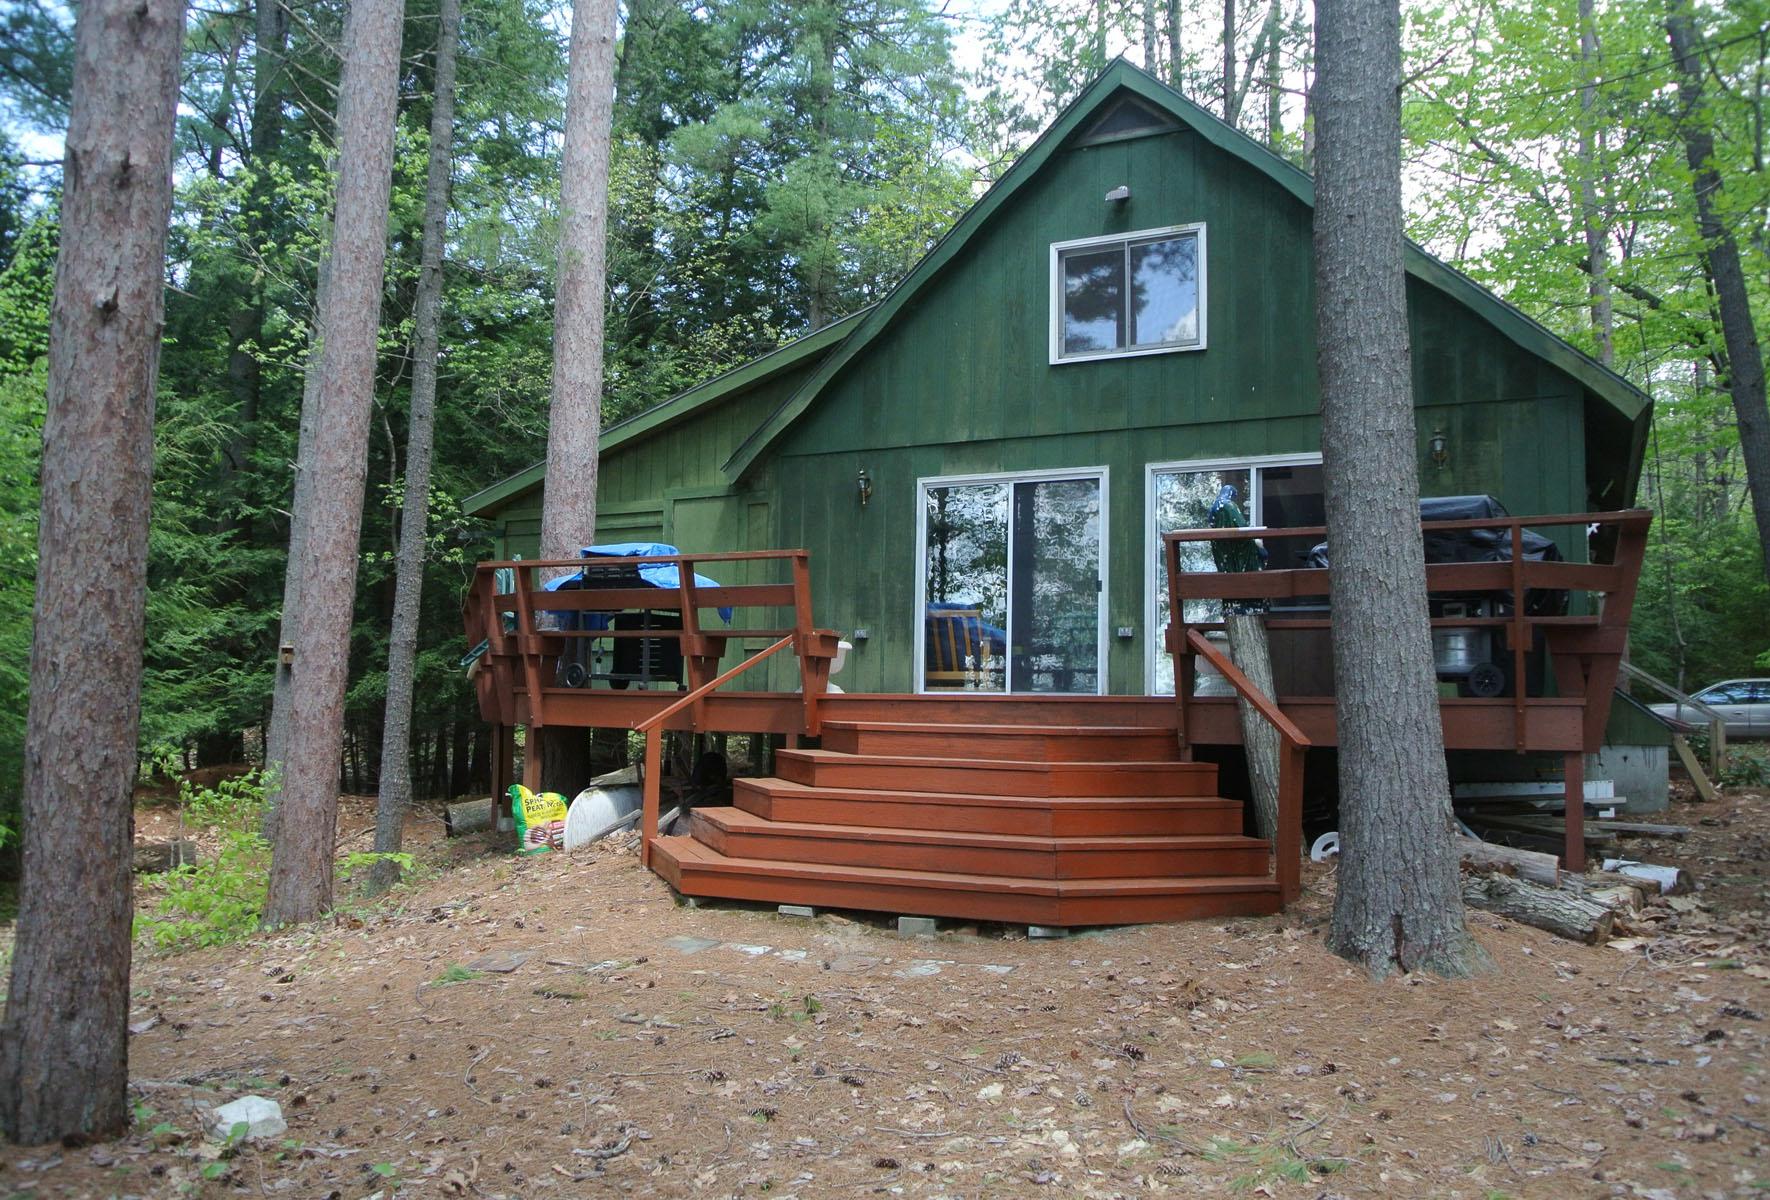 Частный односемейный дом для того Продажа на 232 Pine Pt, New Durham New Durham, Нью-Гэмпшир 03855 Соединенные Штаты